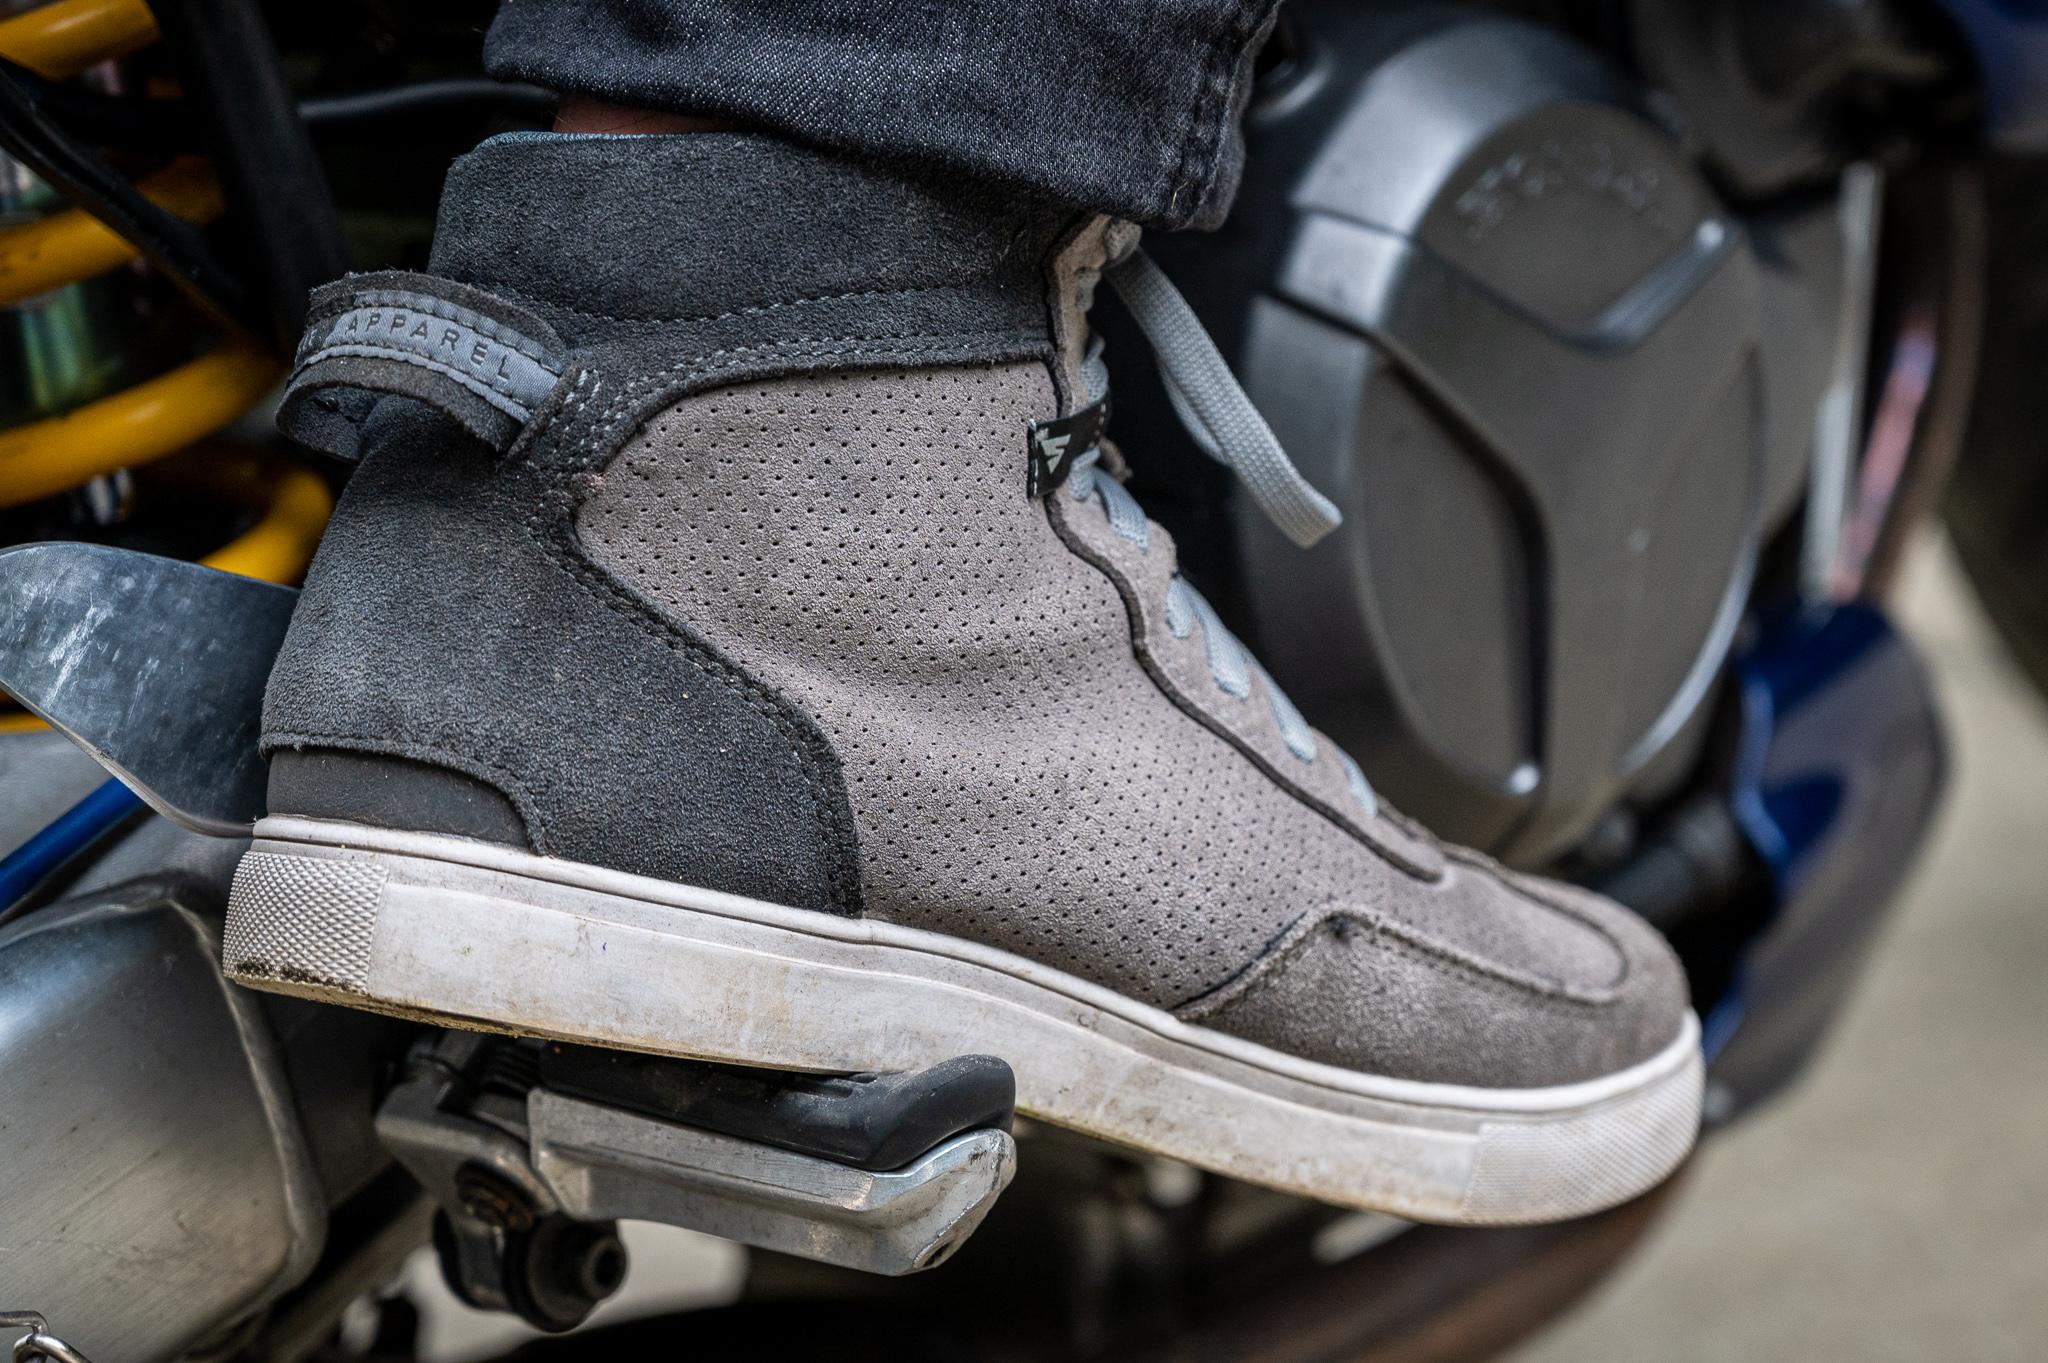 Miejski zestaw Shima – kurtka Bandit, jeansy Ghost, rękawice XRS-2, trampki SX-2 EVO [test, opinia, wady, zalety, zdjęcia]